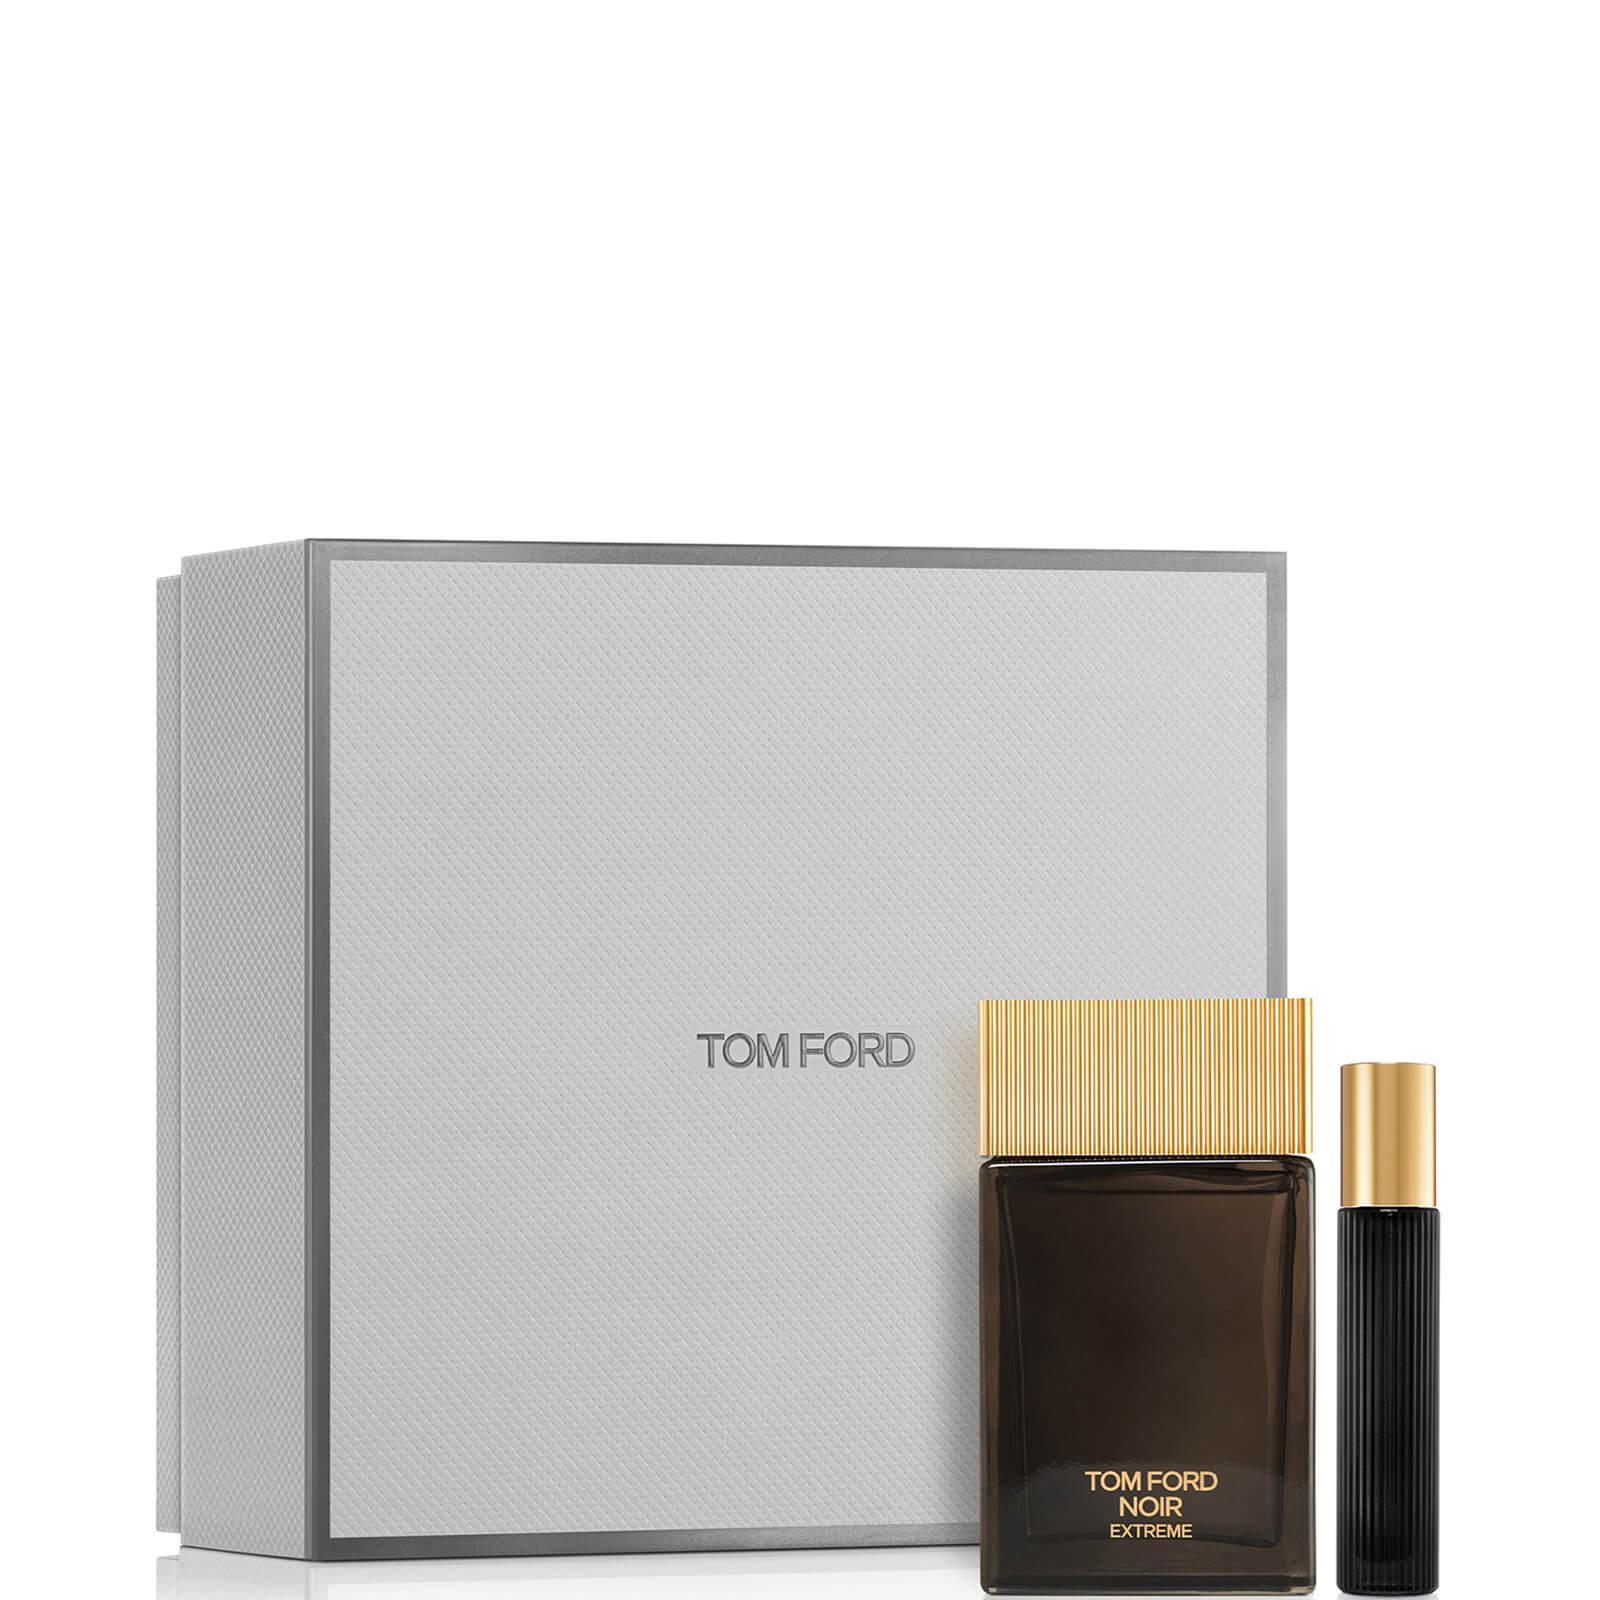 Купить Tom Ford Noir Extreme Eau de Parfum 100ml & 10ml Set